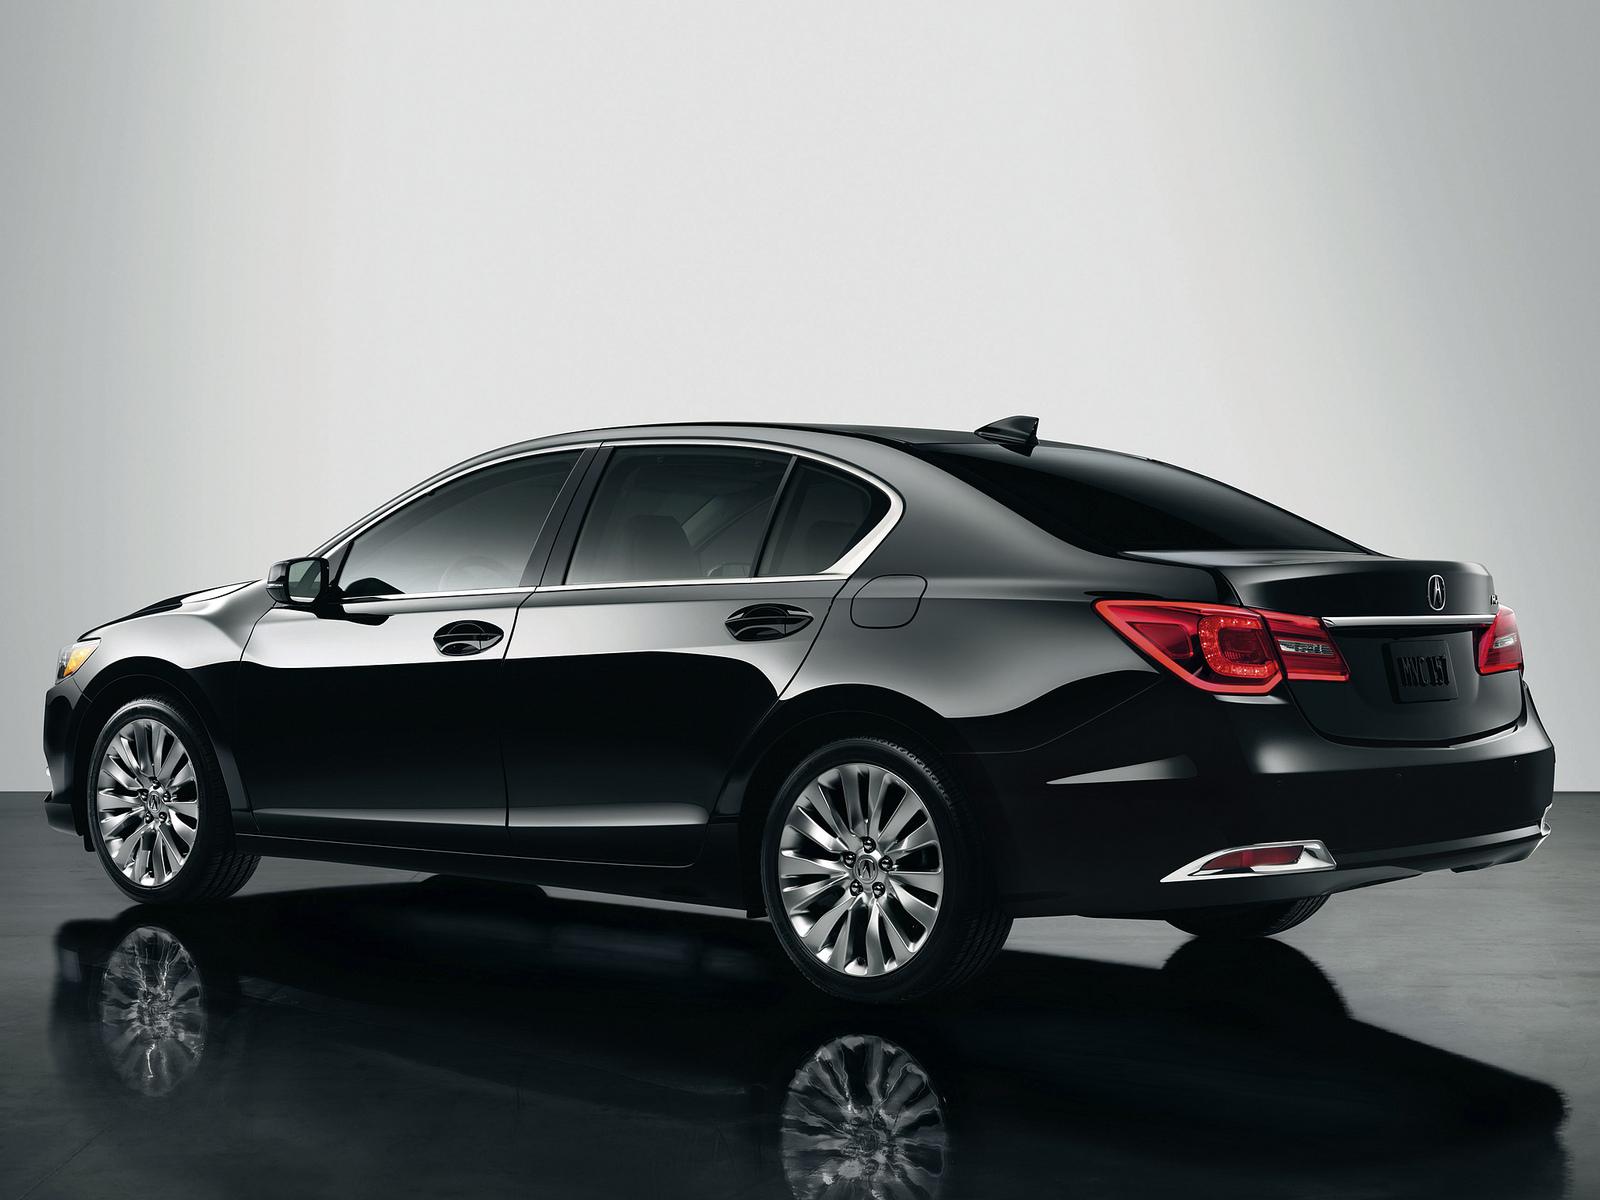 new honda models 16 cool car wallpaper. Black Bedroom Furniture Sets. Home Design Ideas